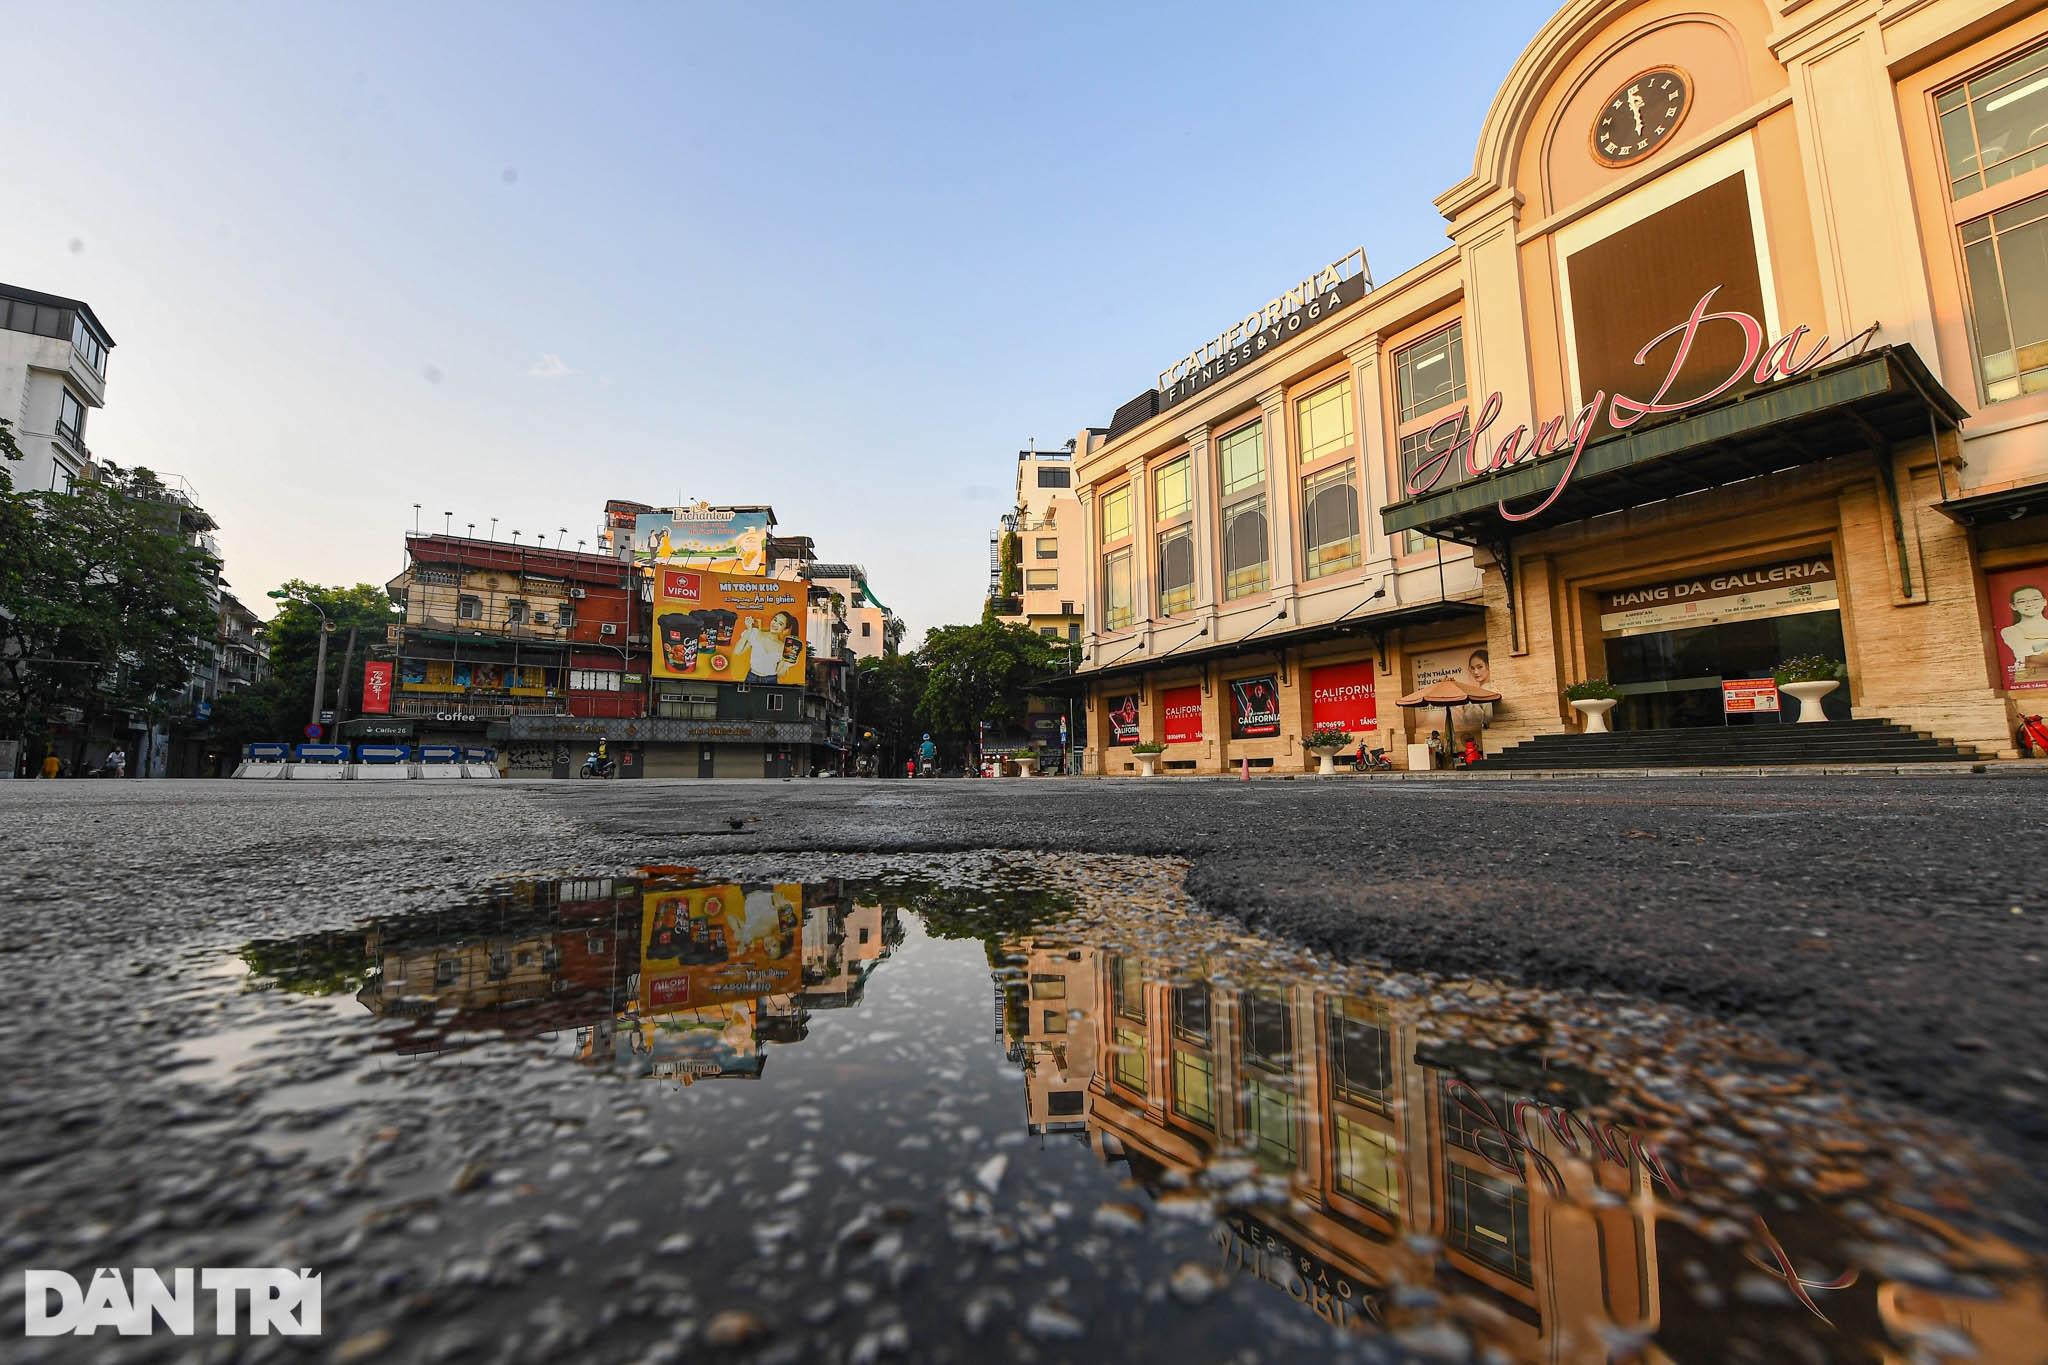 Hà Nội ngày đầu thực hiện Chỉ thị 16: Đường phố vắng, chợ dân sinh đông đúc - 1